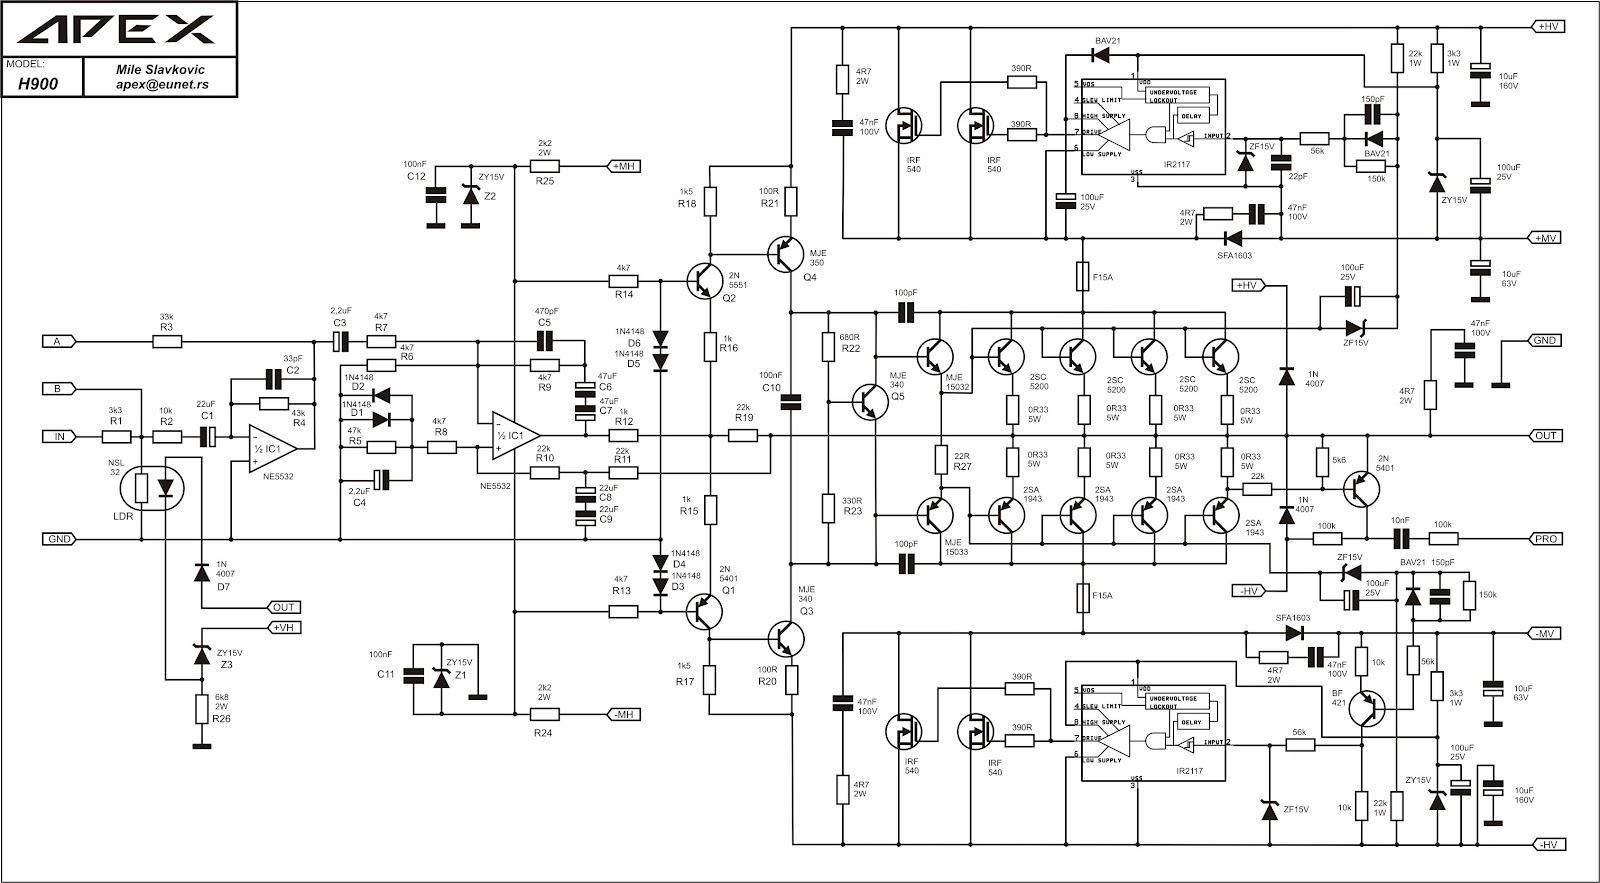 Kumpulan Skema Electronika Skema Power Amplifier Apex H900